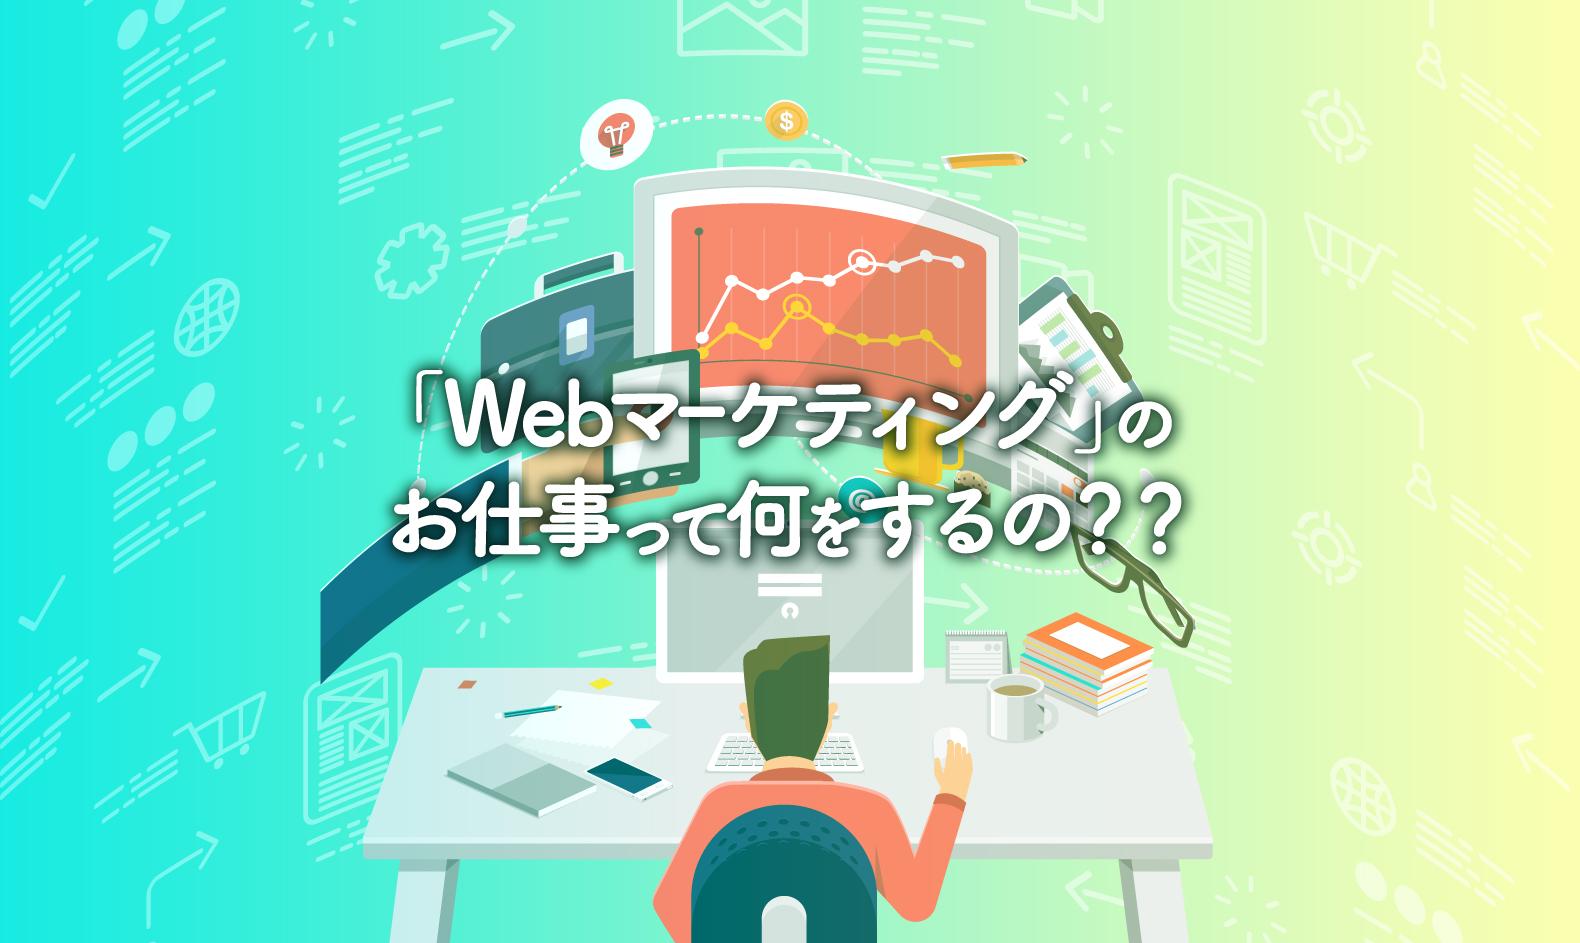 「そもそも何をするの?」――Webマーケティング課の仕事とは?